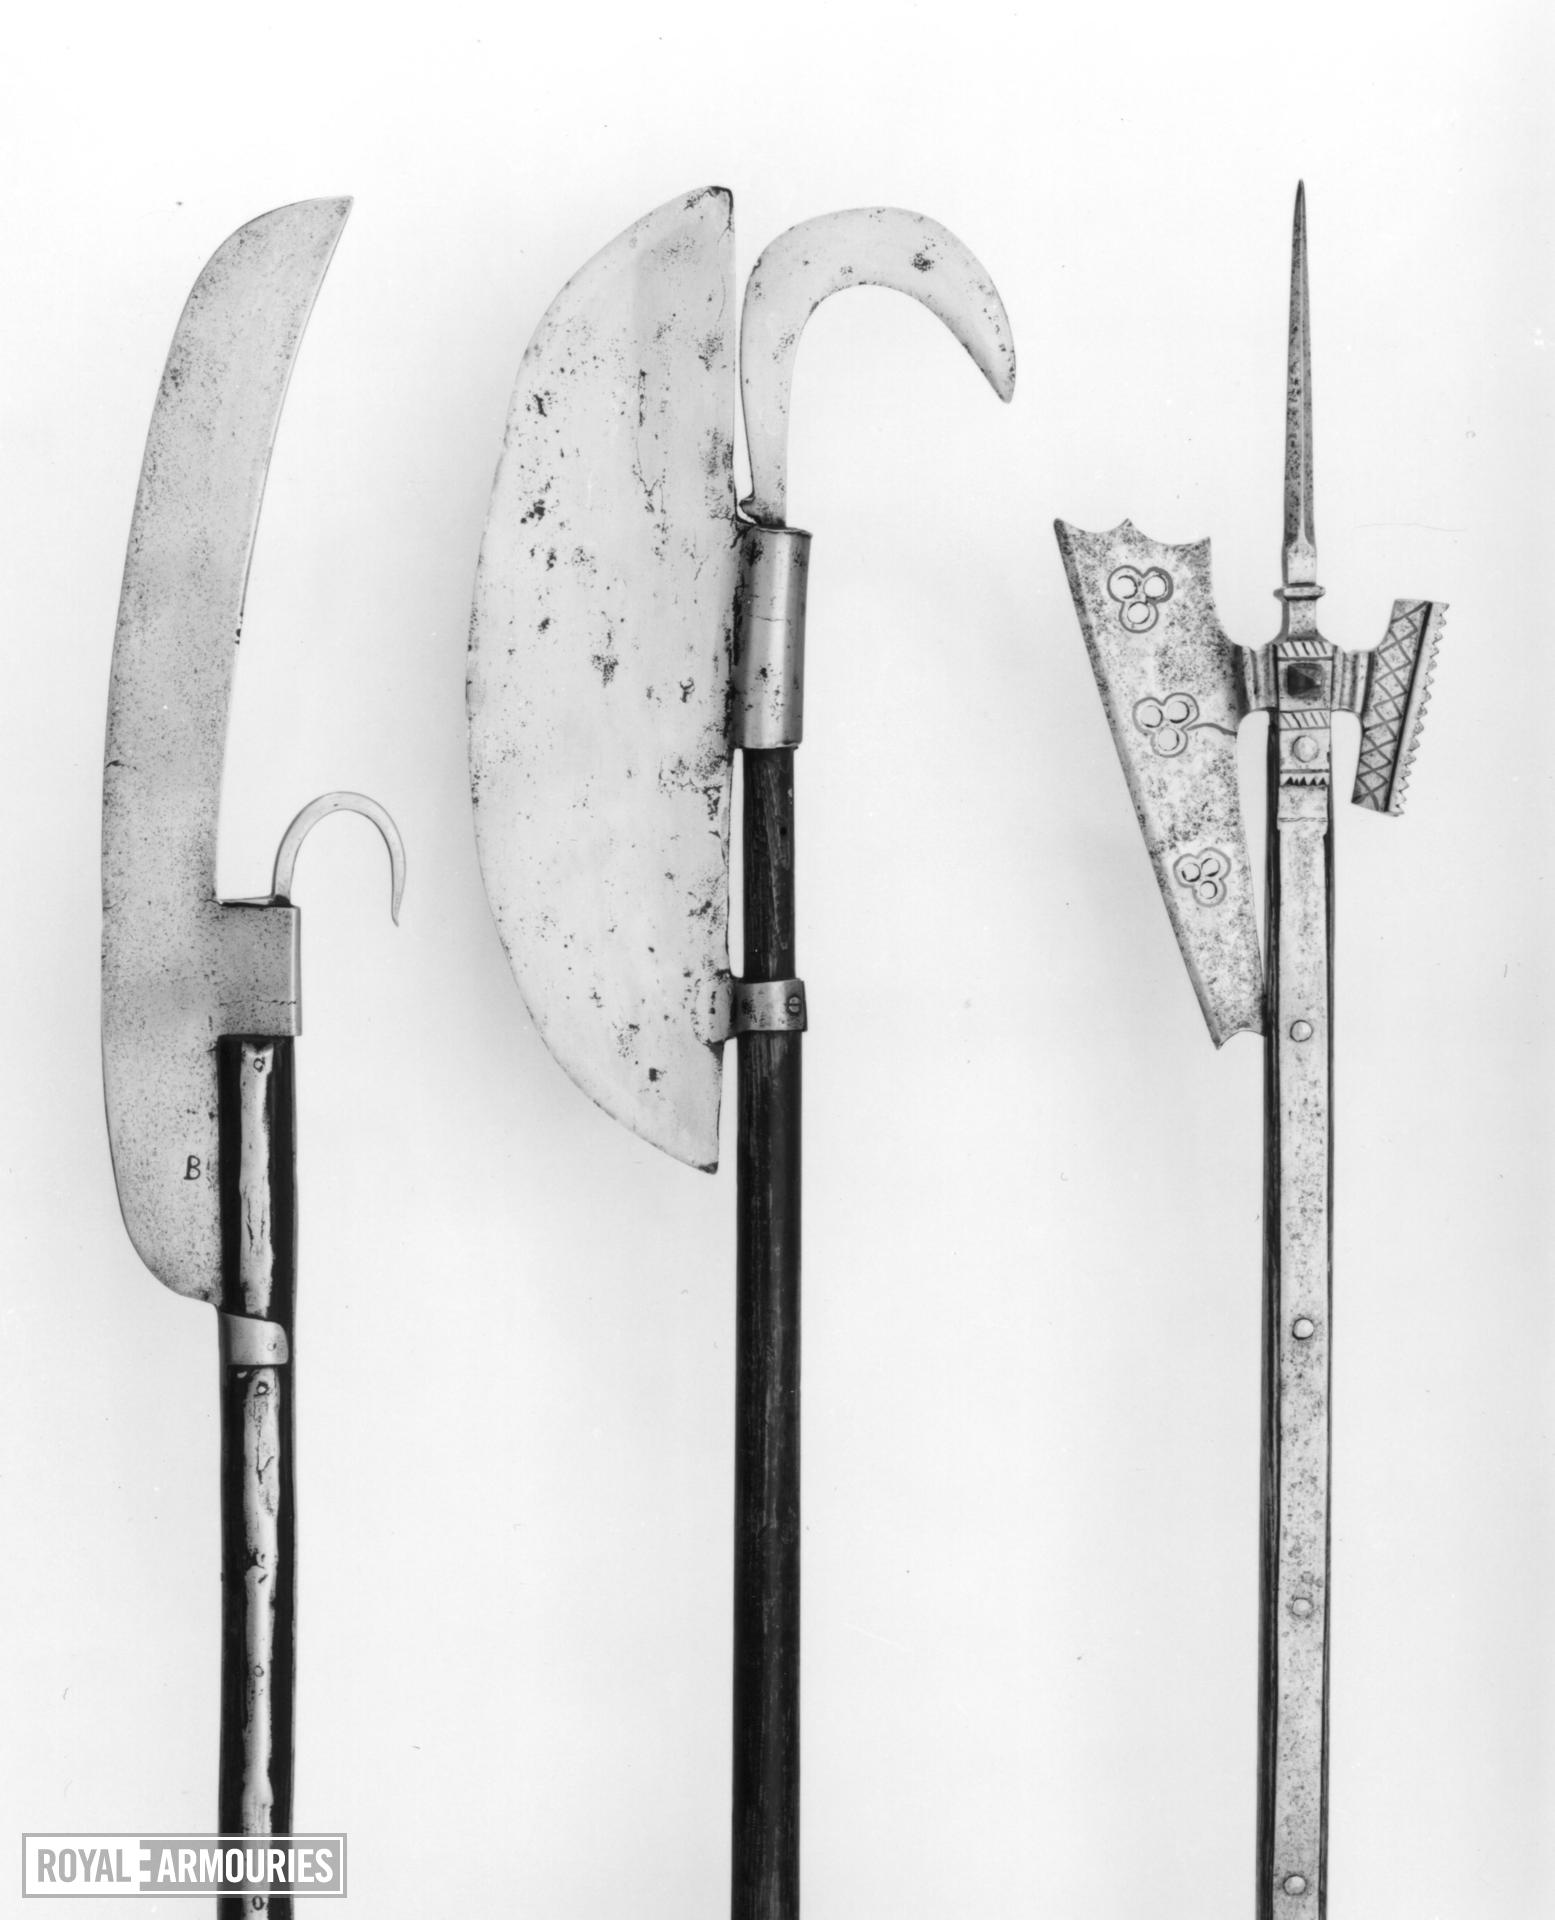 Axe Lochaber axe